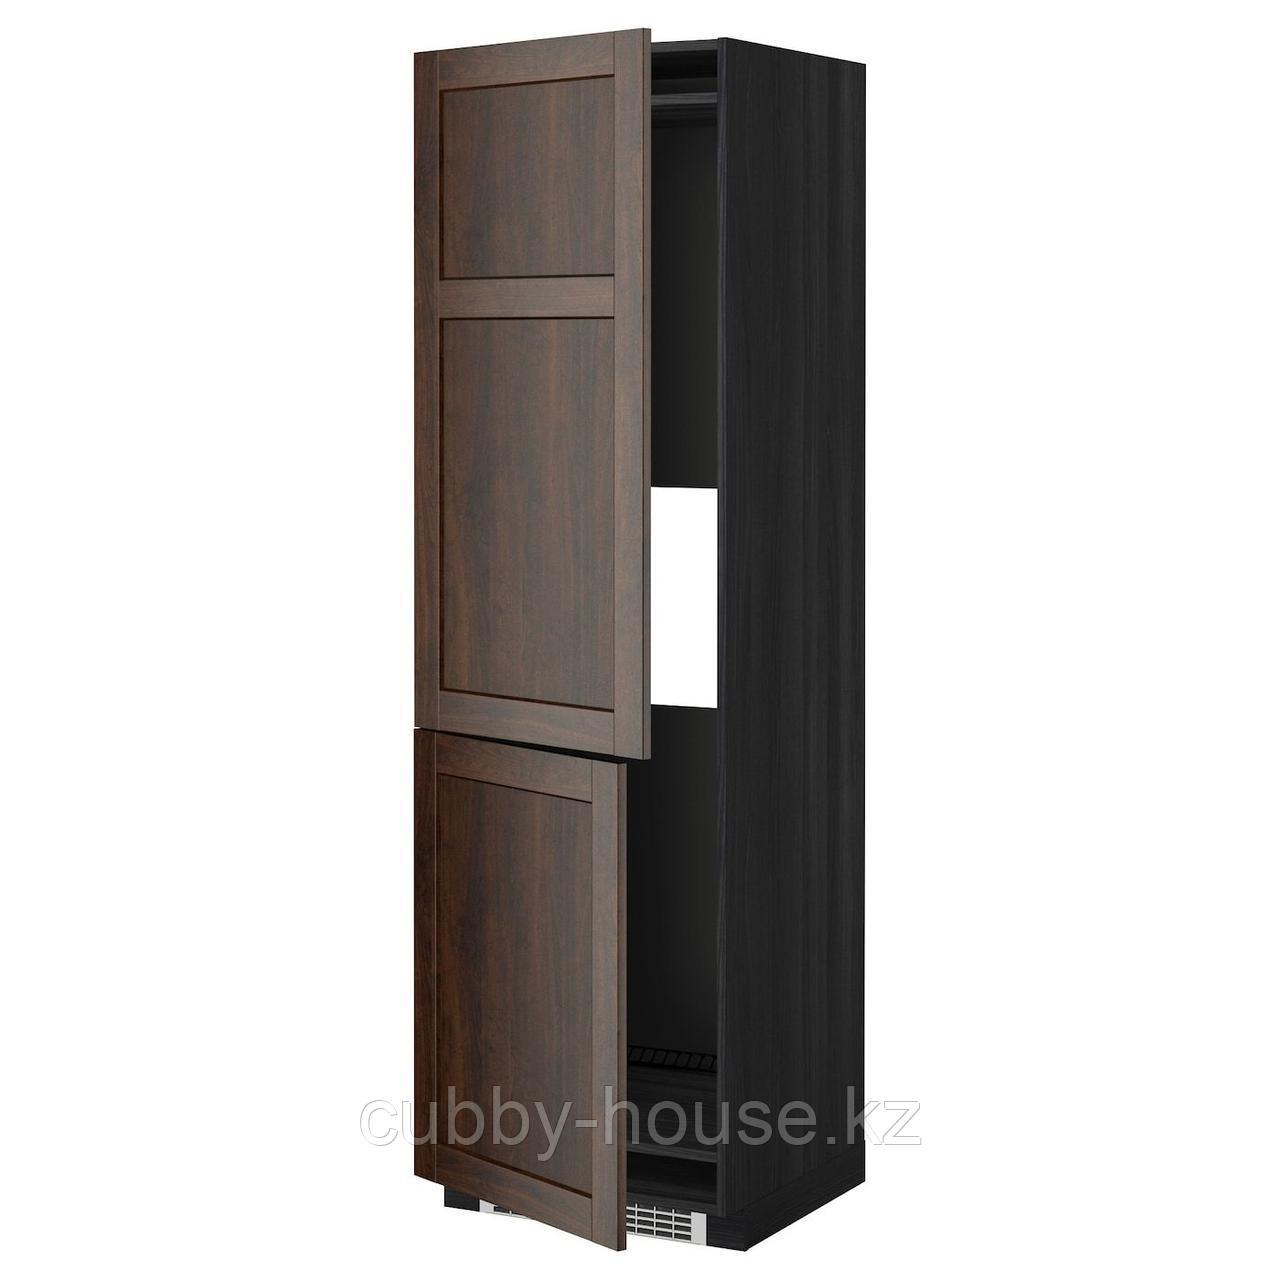 МЕТОД Высокий шкаф д/холод/мороз/2дверцы, белый, Рингульт светло-серый, 60x60x220 см